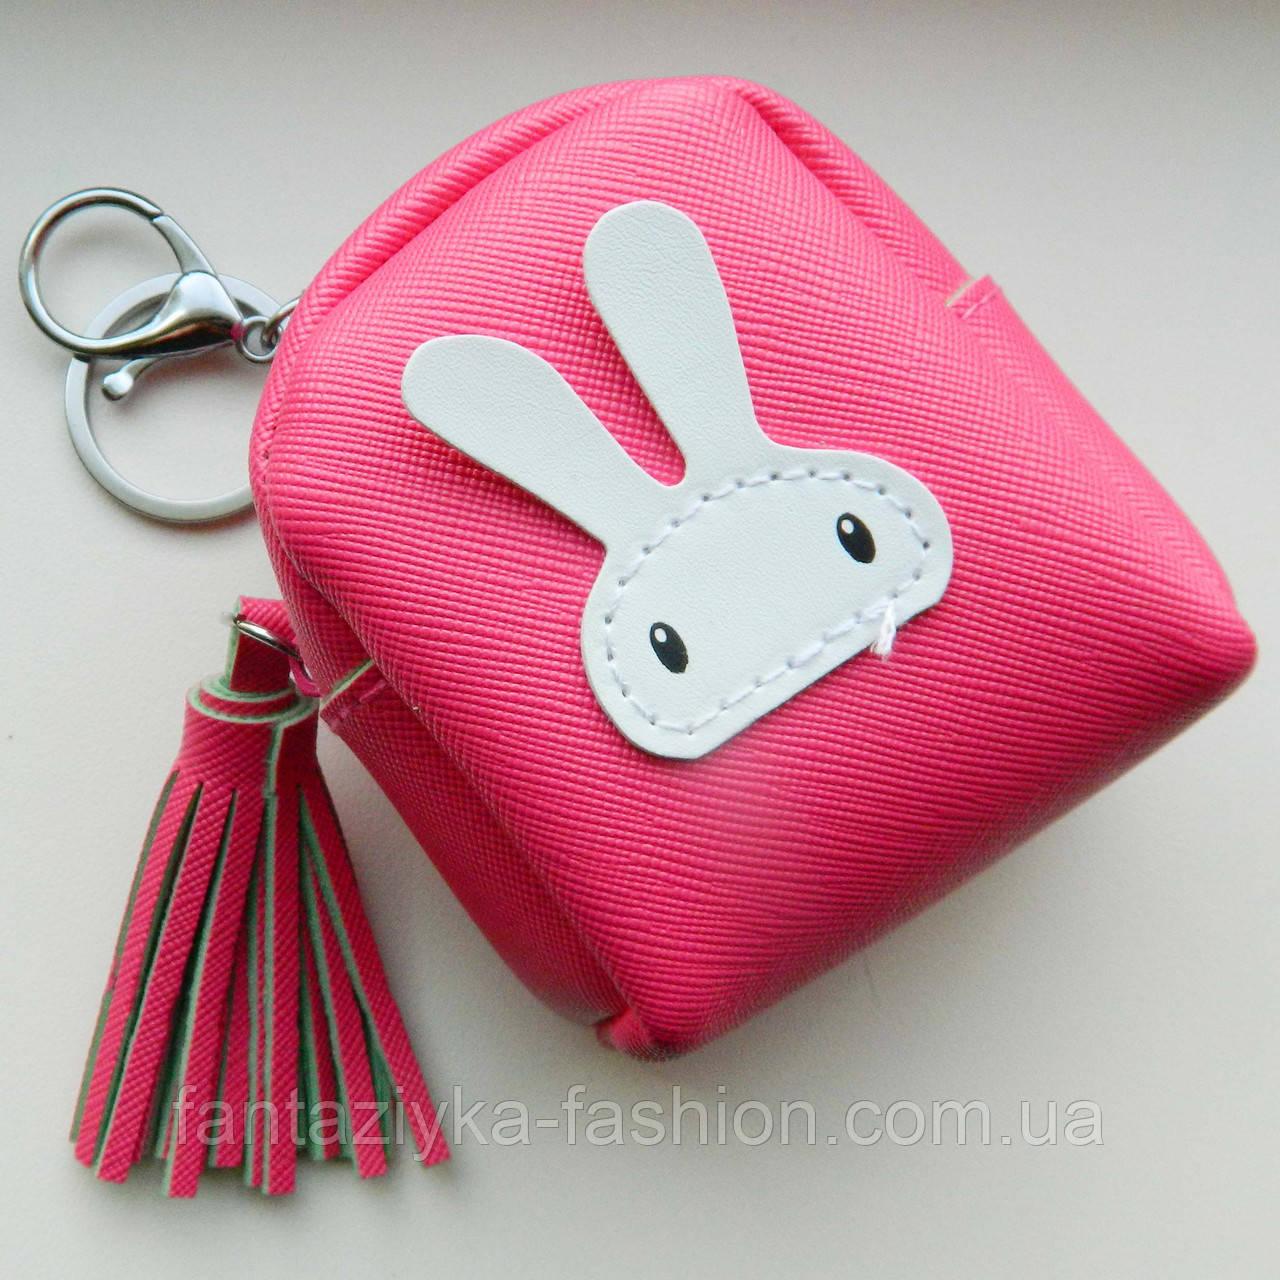 Брелок рюкзак маленький розовый с кисточкой